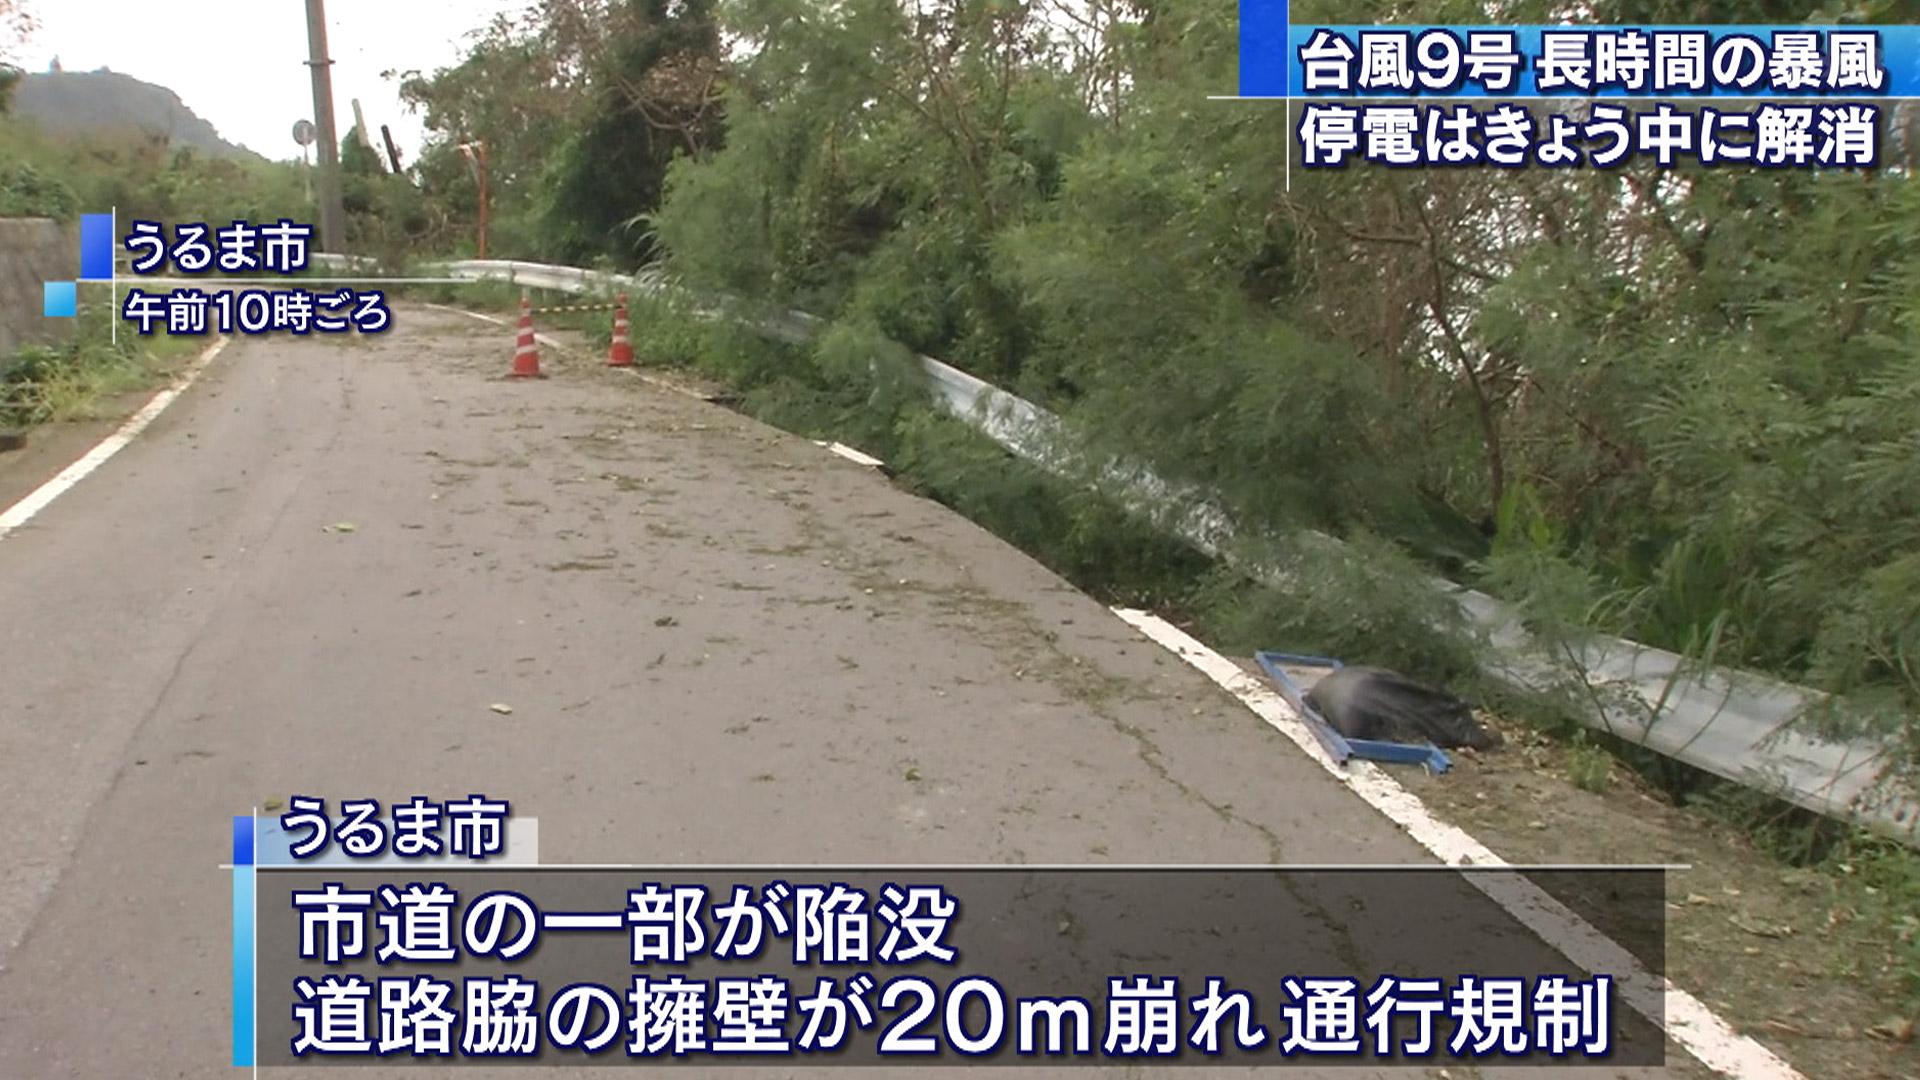 台風9号通過 8人が軽いけが